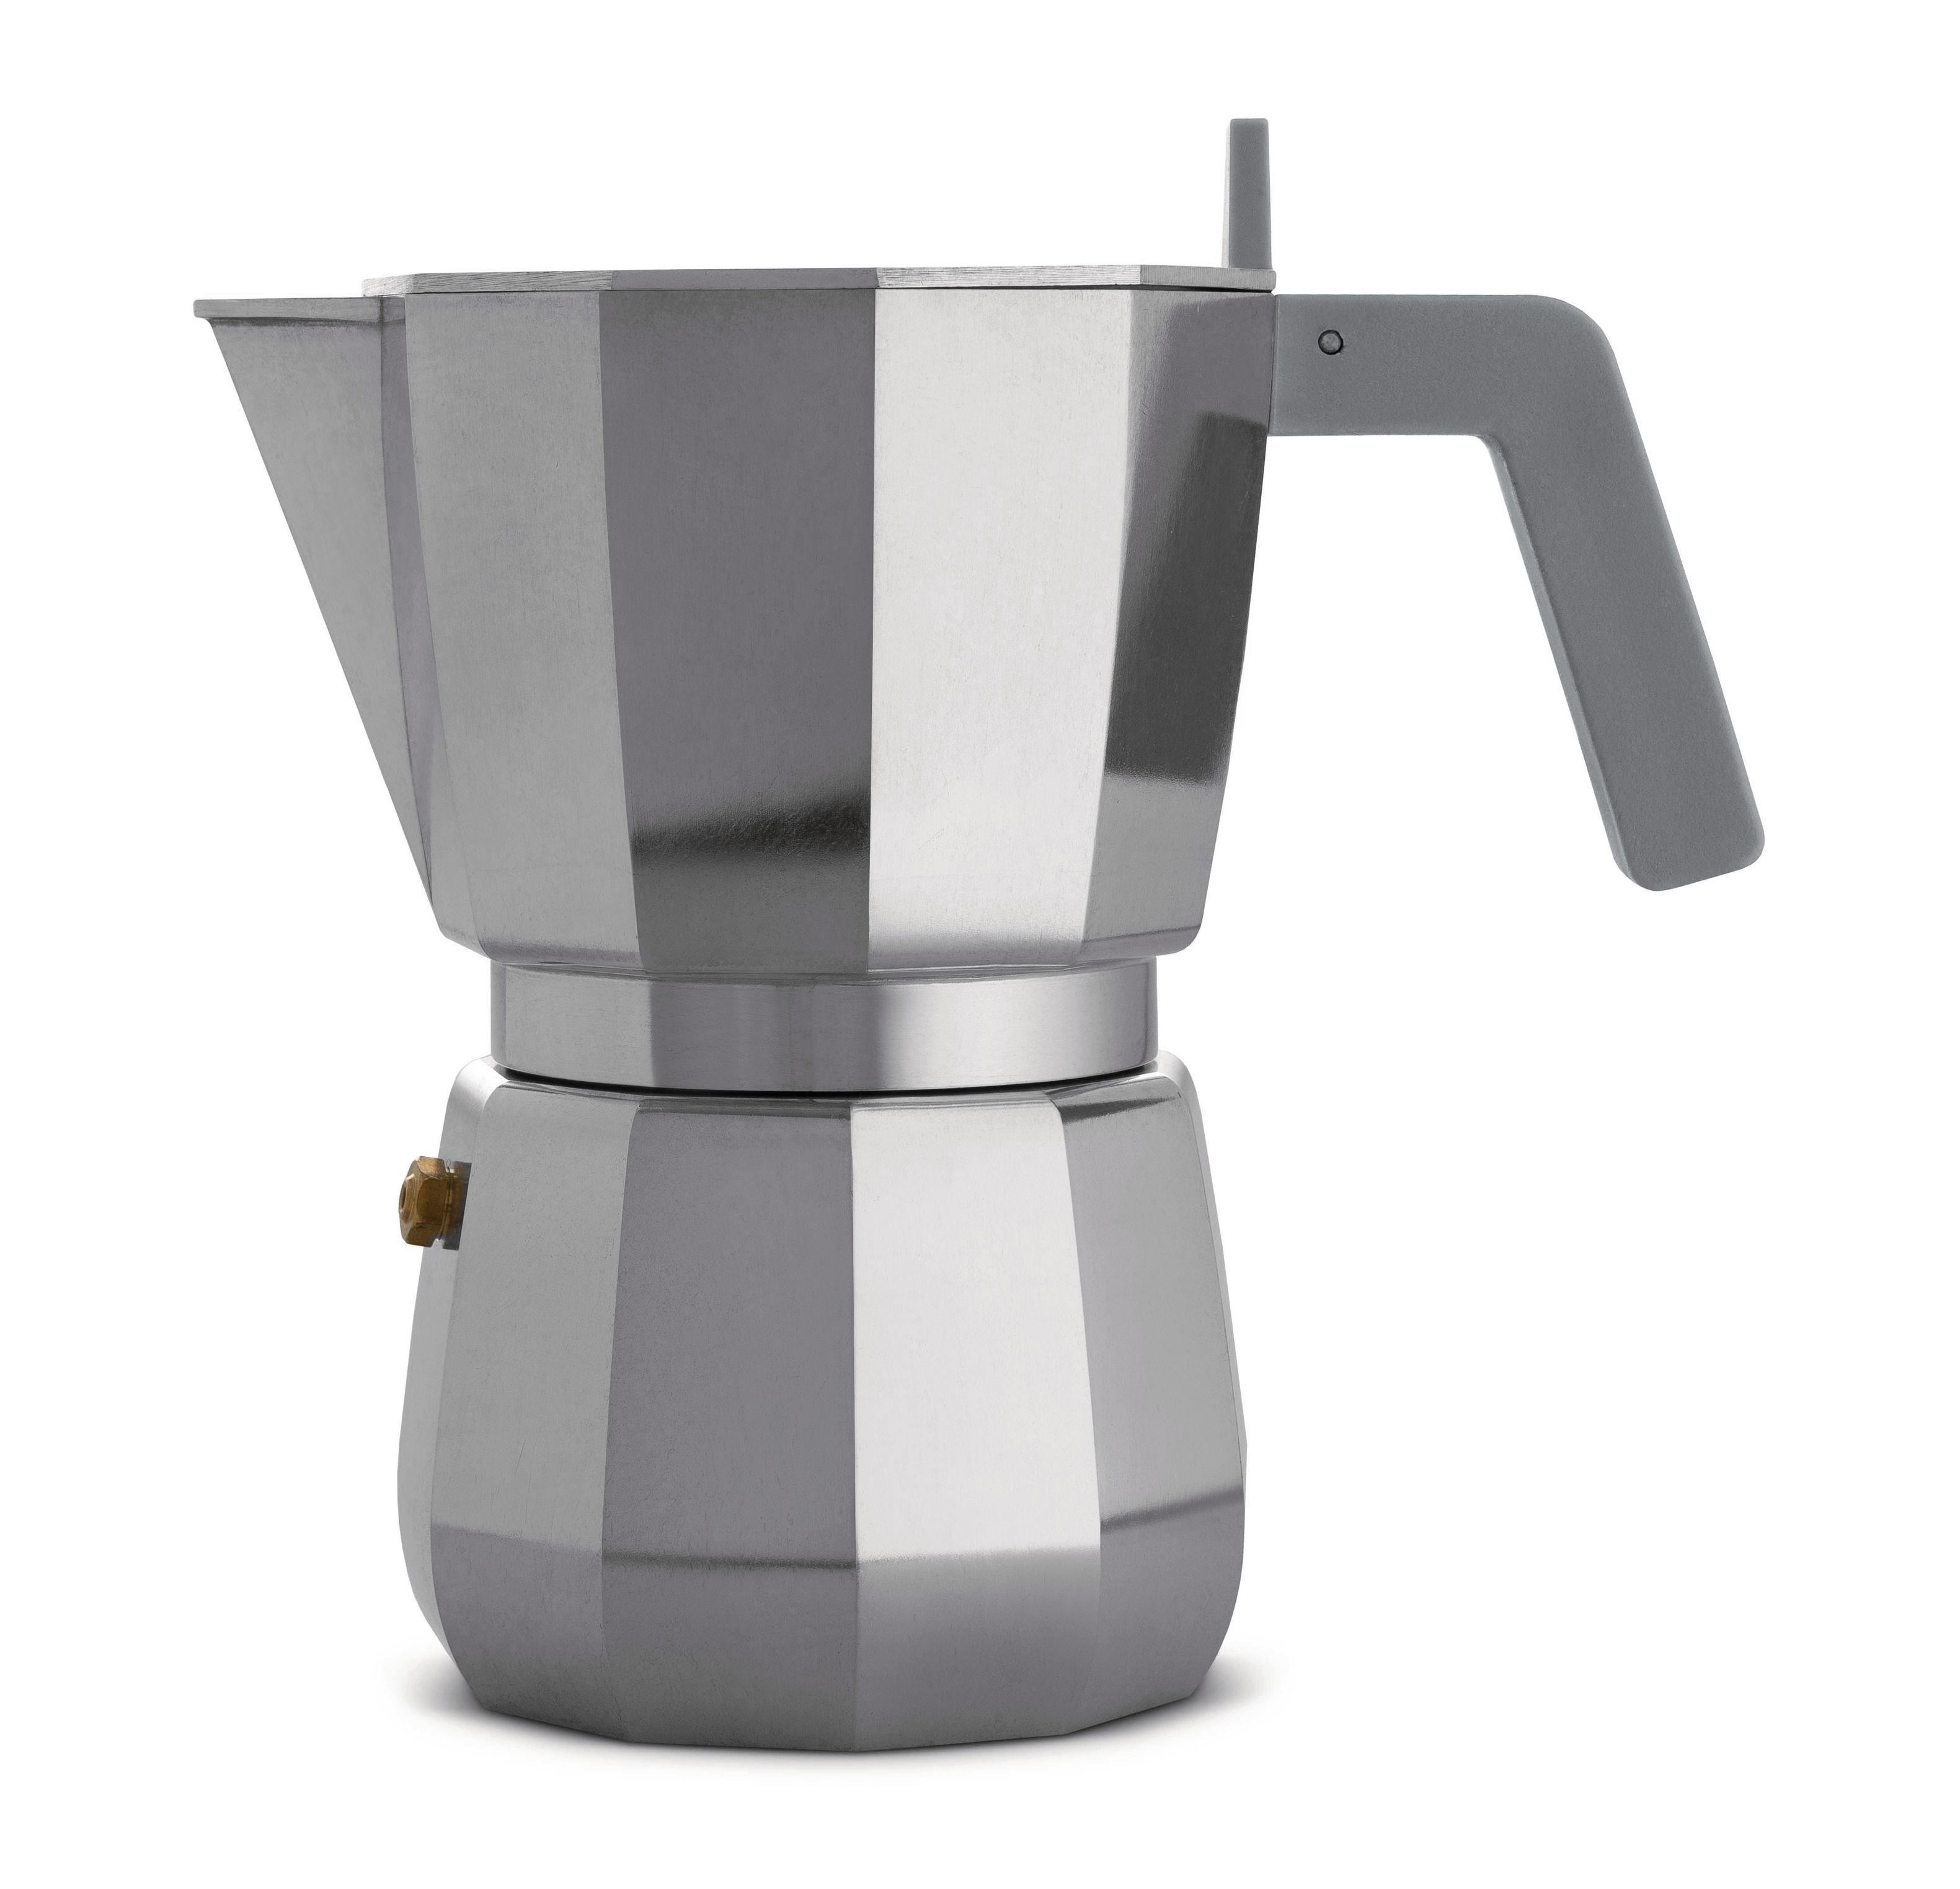 Arts de la table - Thé et café - Cafetière italienne Moka /6 tasses - Alessi - 6 tasses / Acier - Fonte d'aluminium, Polyamide